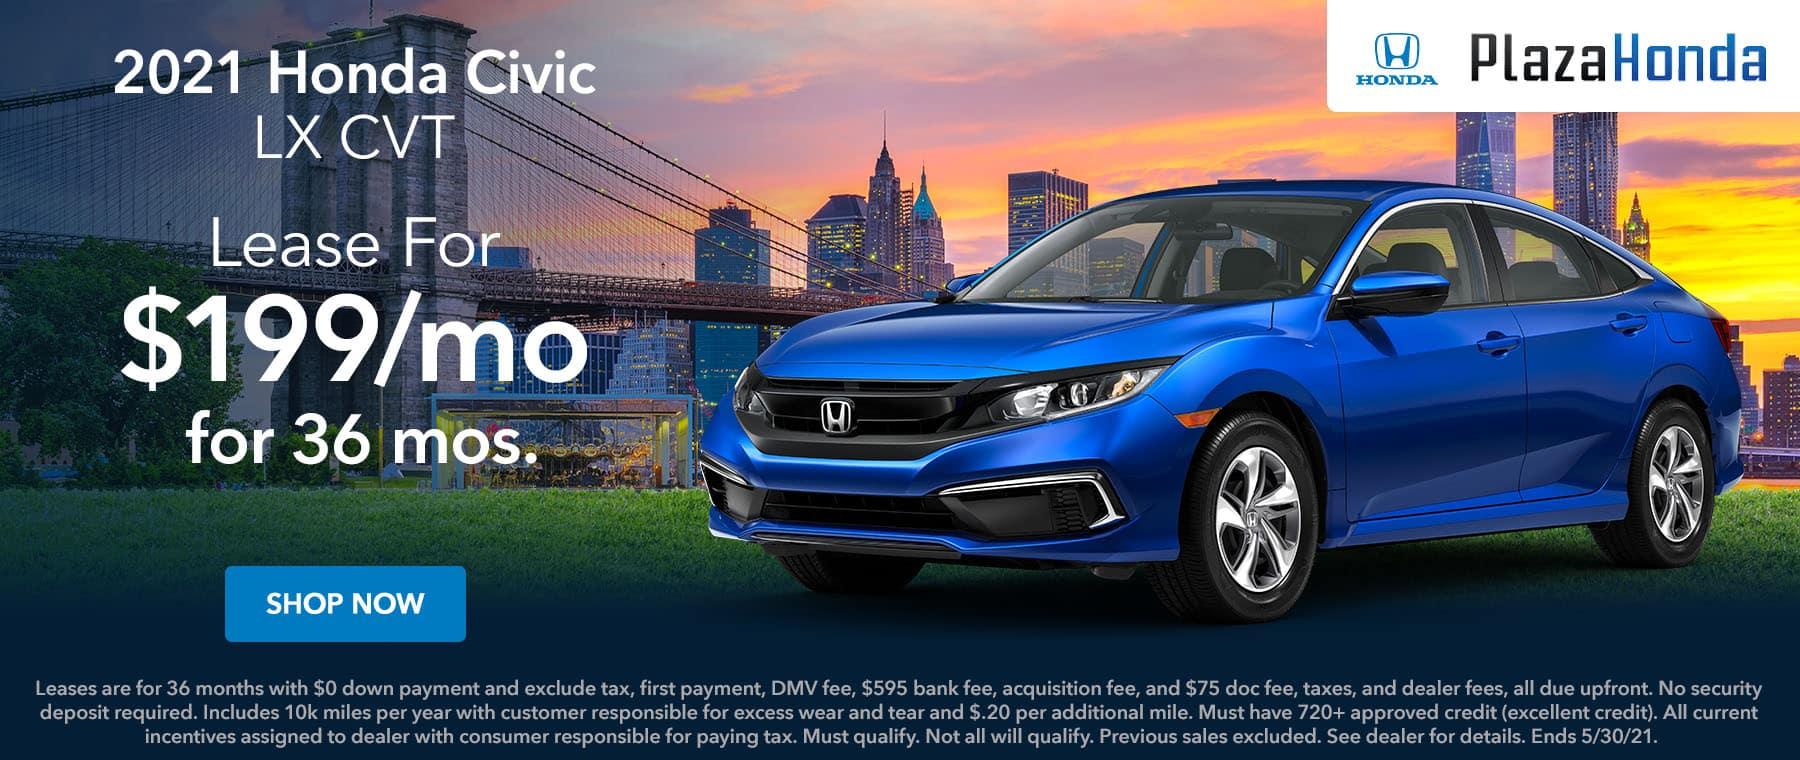 05-06-21-Hero-Honda-Civic-1800×760